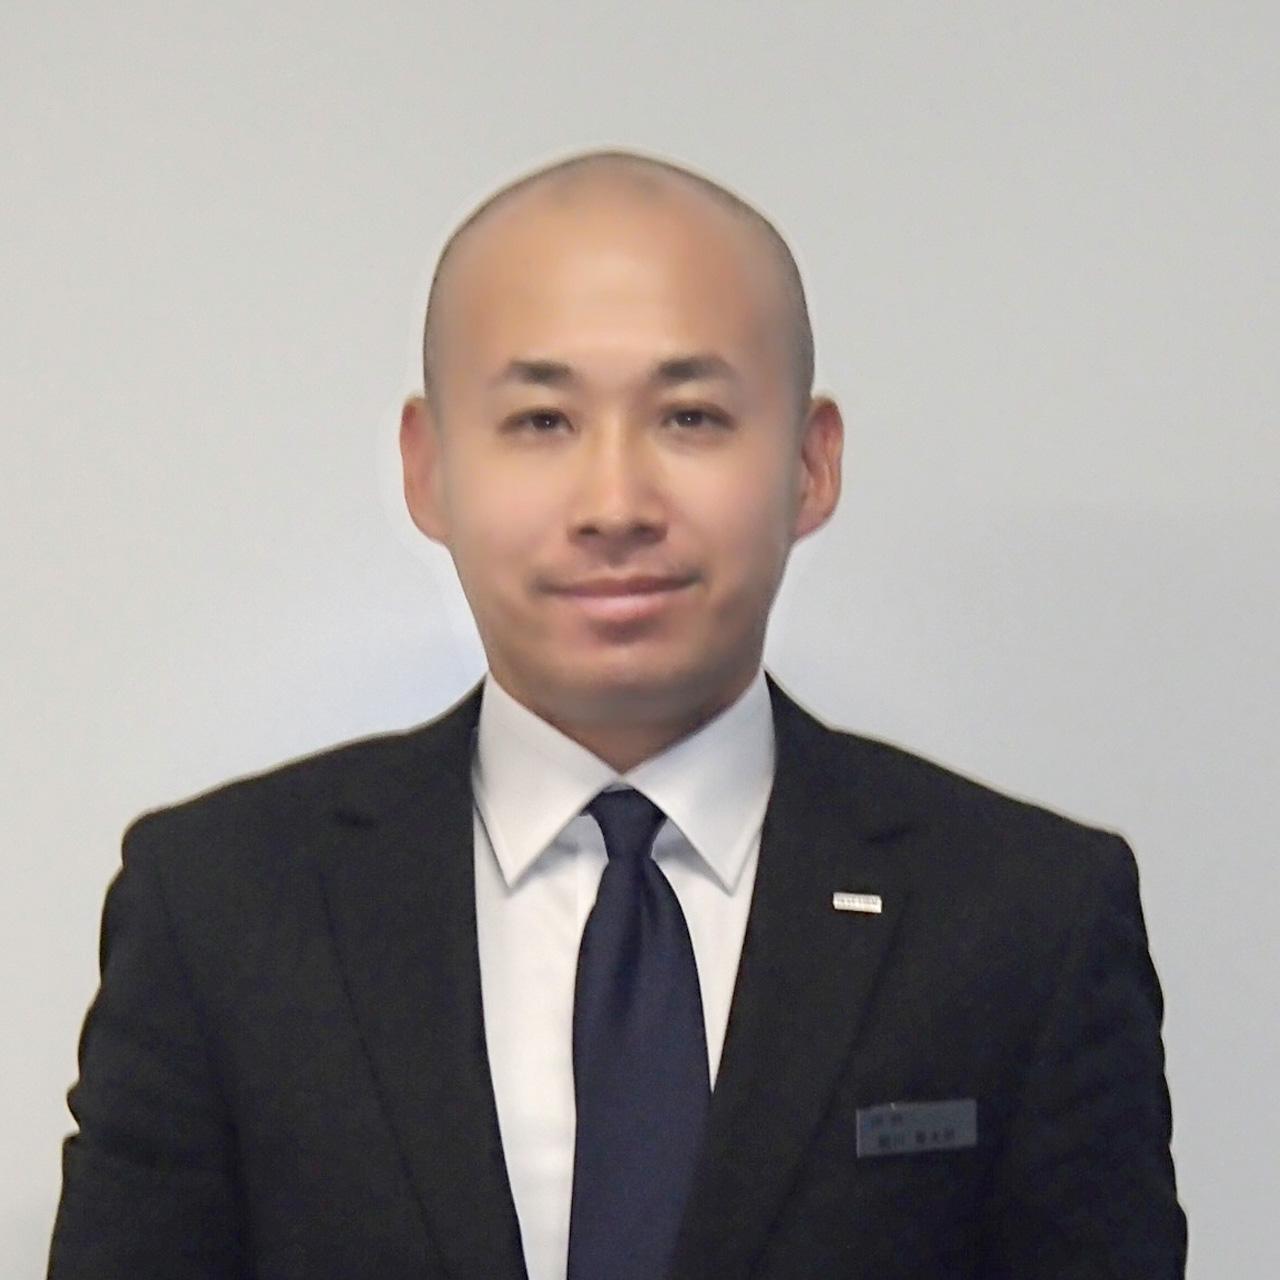 細川慶太郎